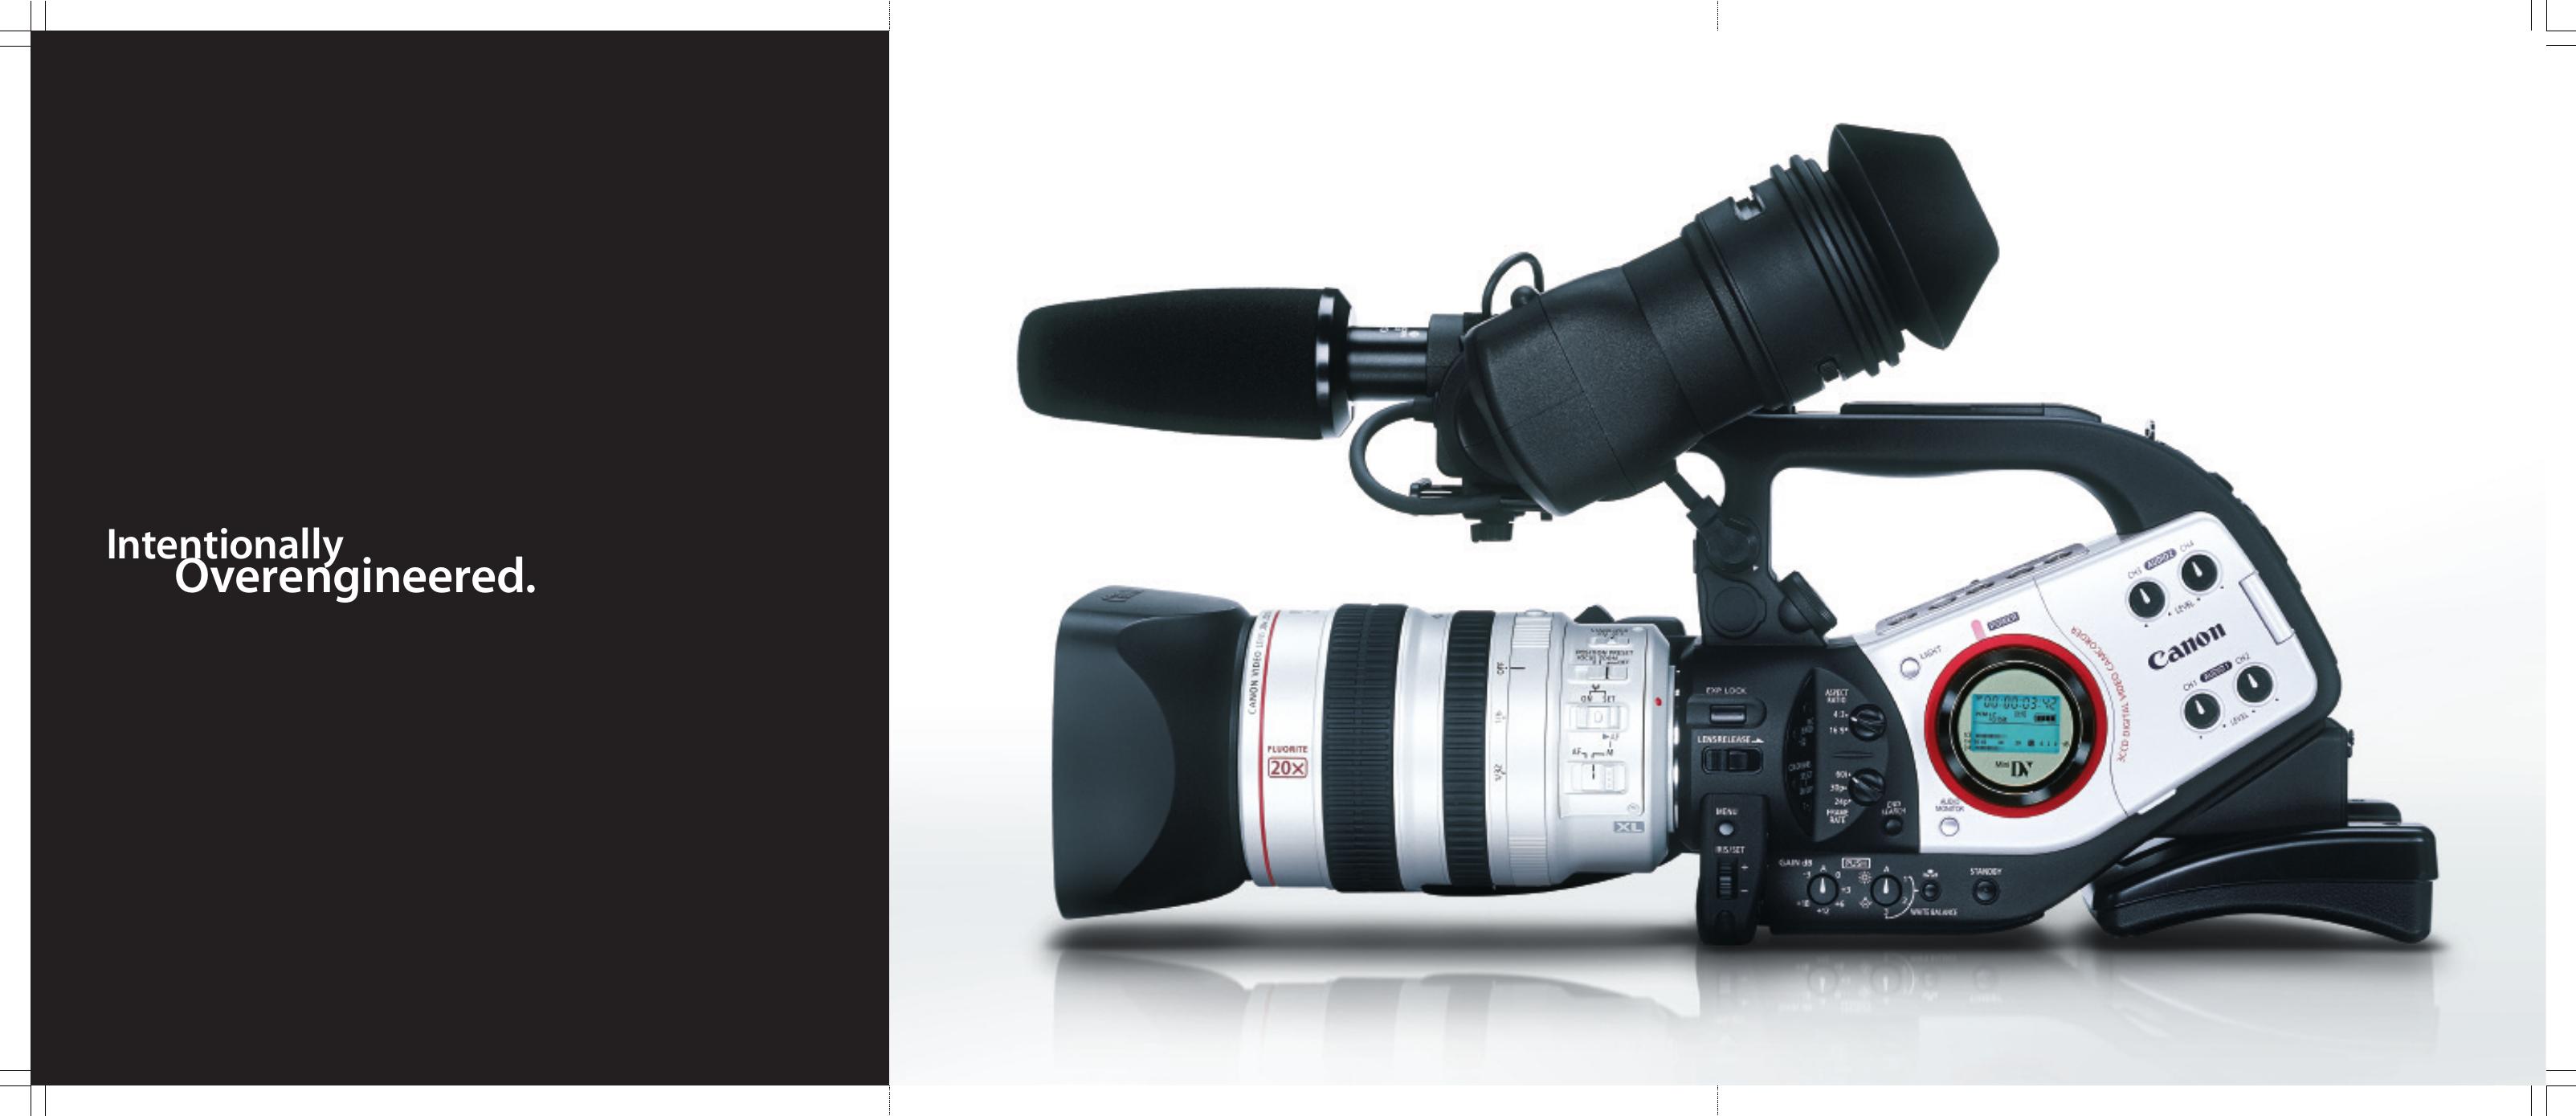 canon xl2 owners manual rh usermanual wiki canon xl2 3ccd minidv camcorder manual Canon XL2 MiniDV Camcorder